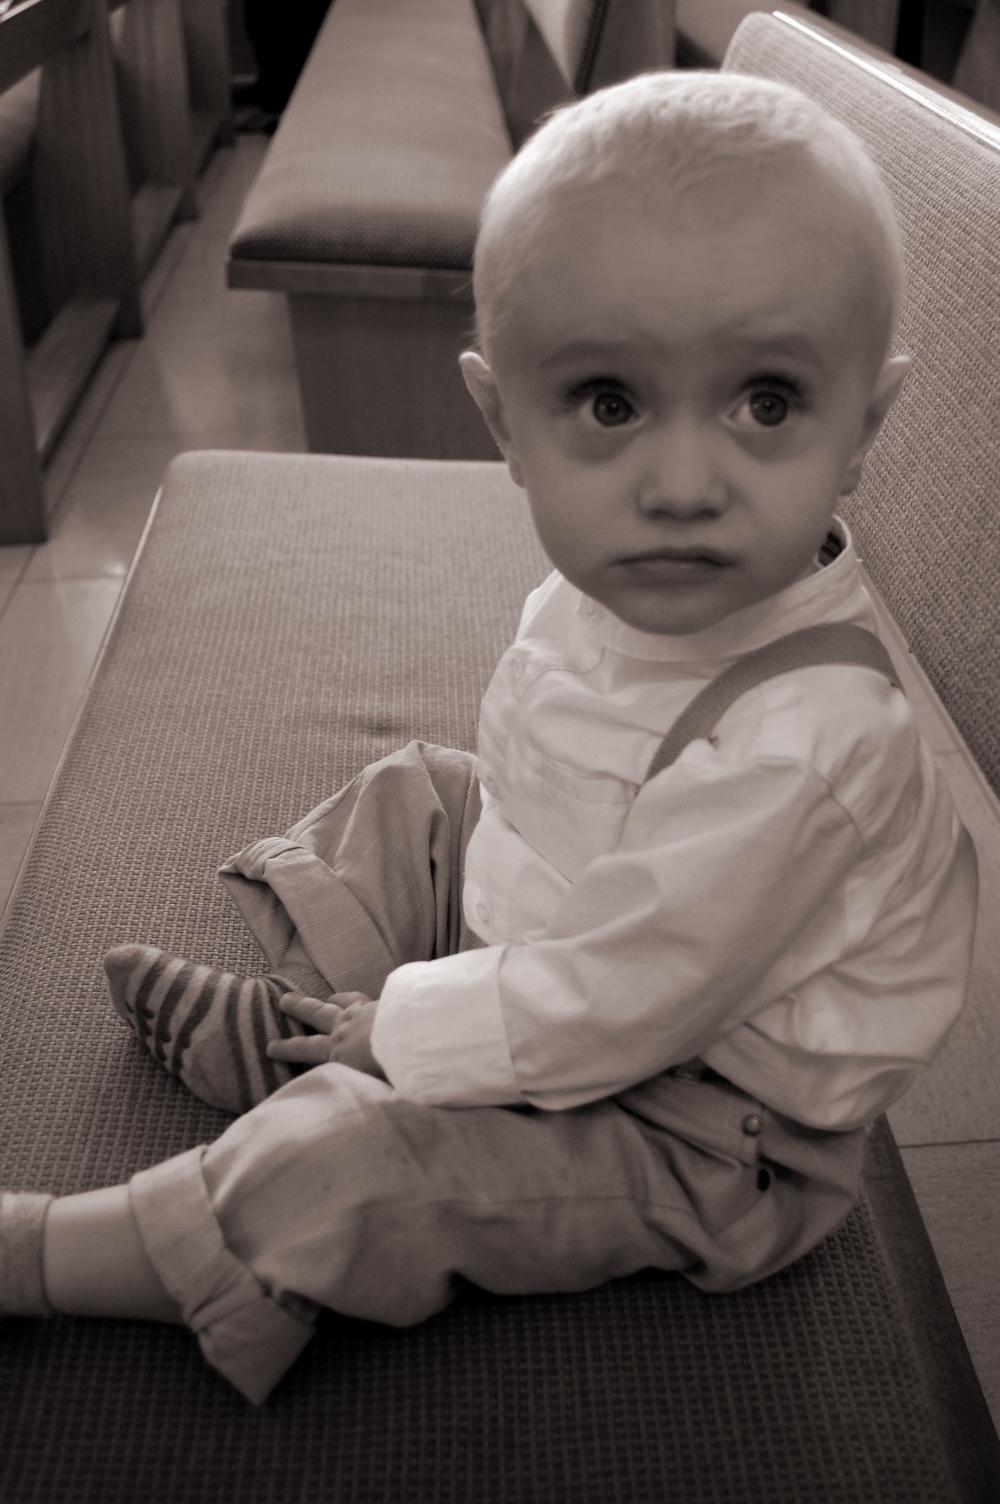 Baby boy sitting on a church bench